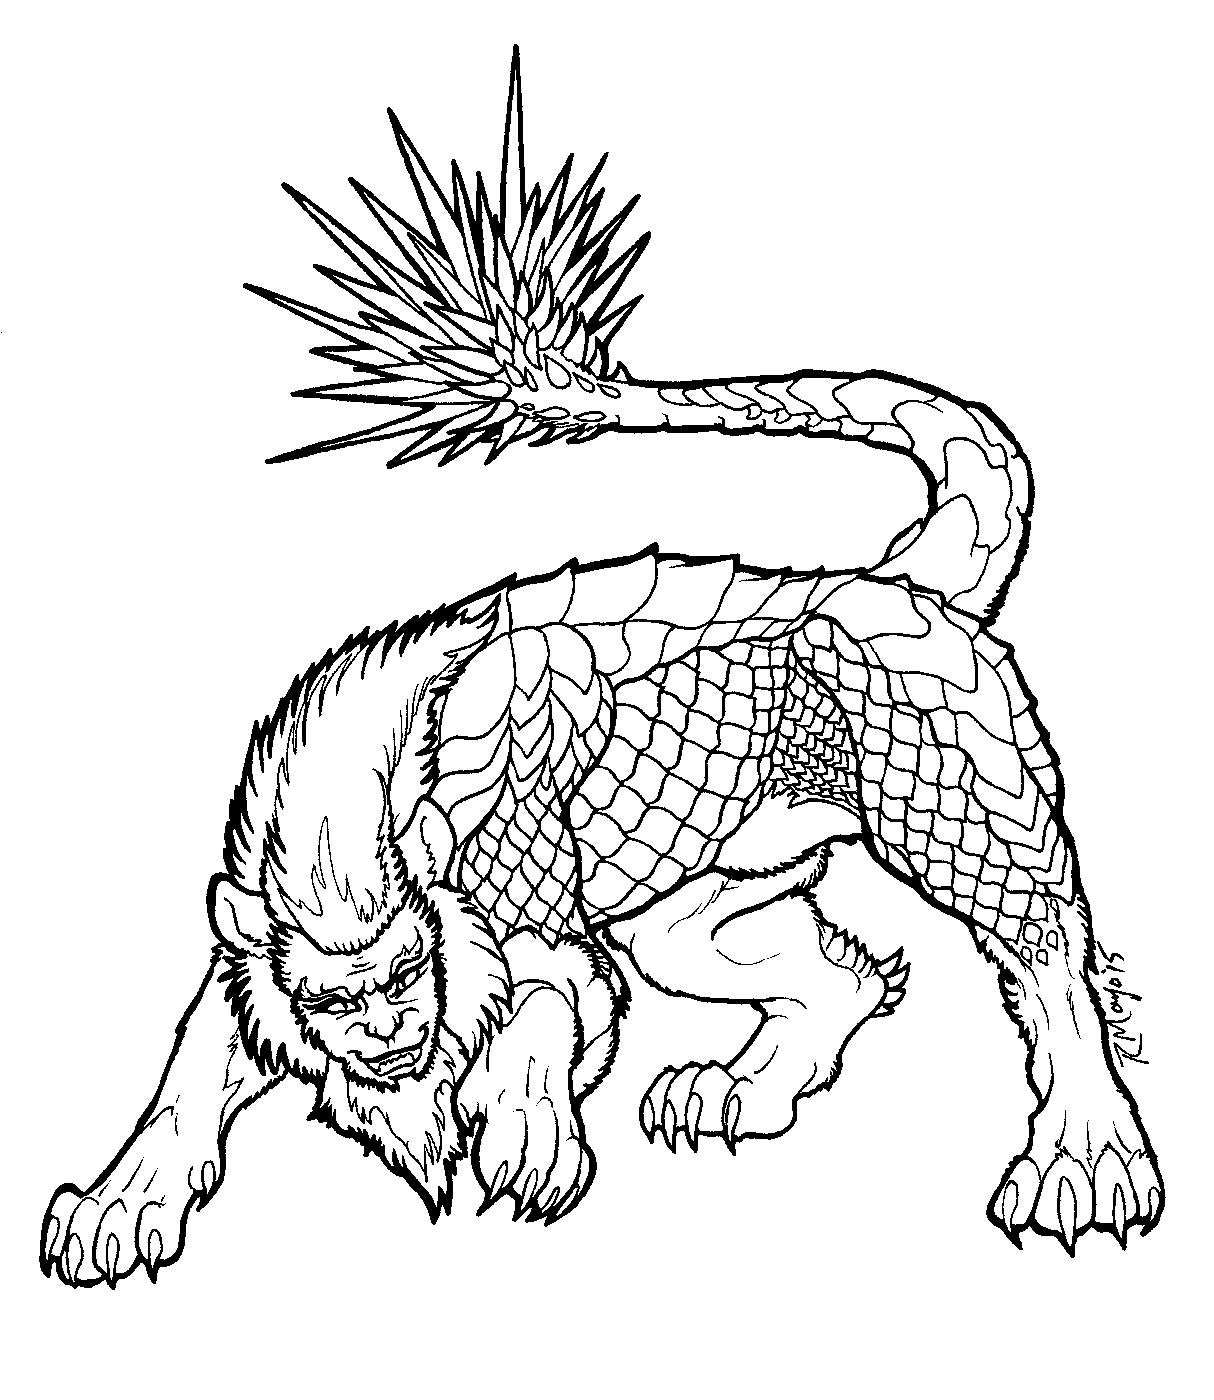 Manticore Avatar World Cryptozoology [ 1400 x 1214 Pixel ]